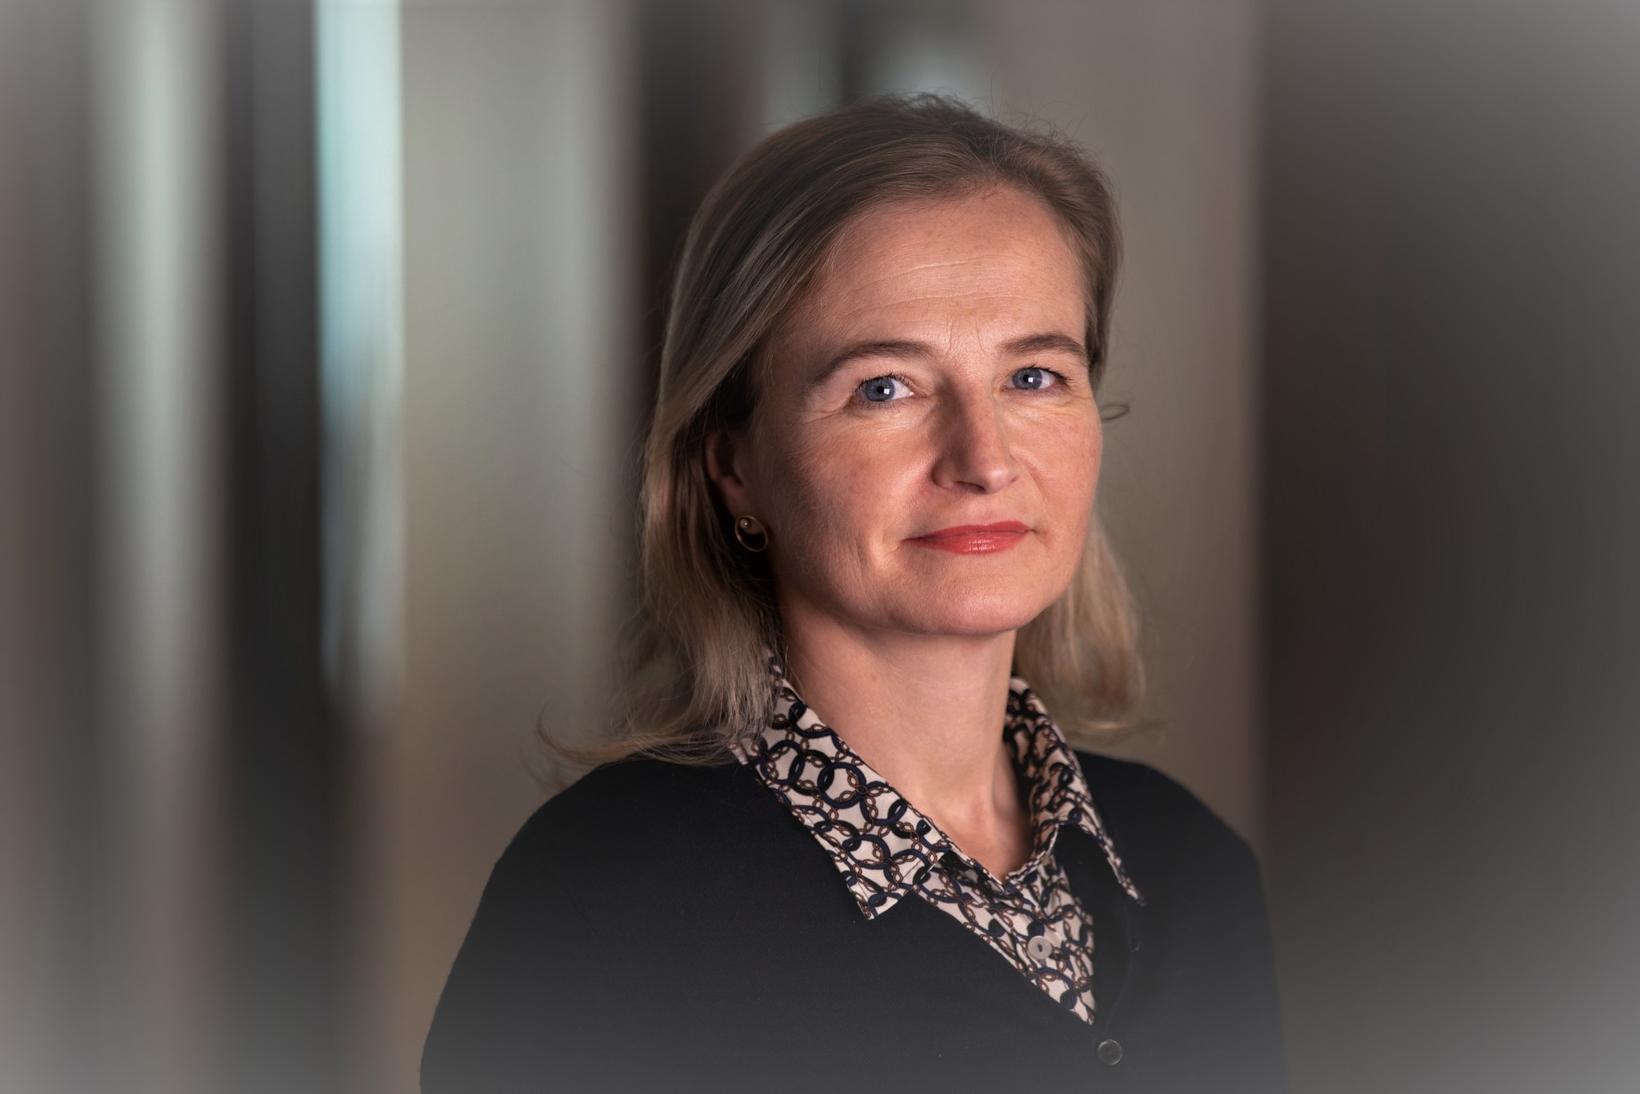 Anna Sigrún Baldursdóttir, aðstoðarmaður forstjóra Landspítalans.